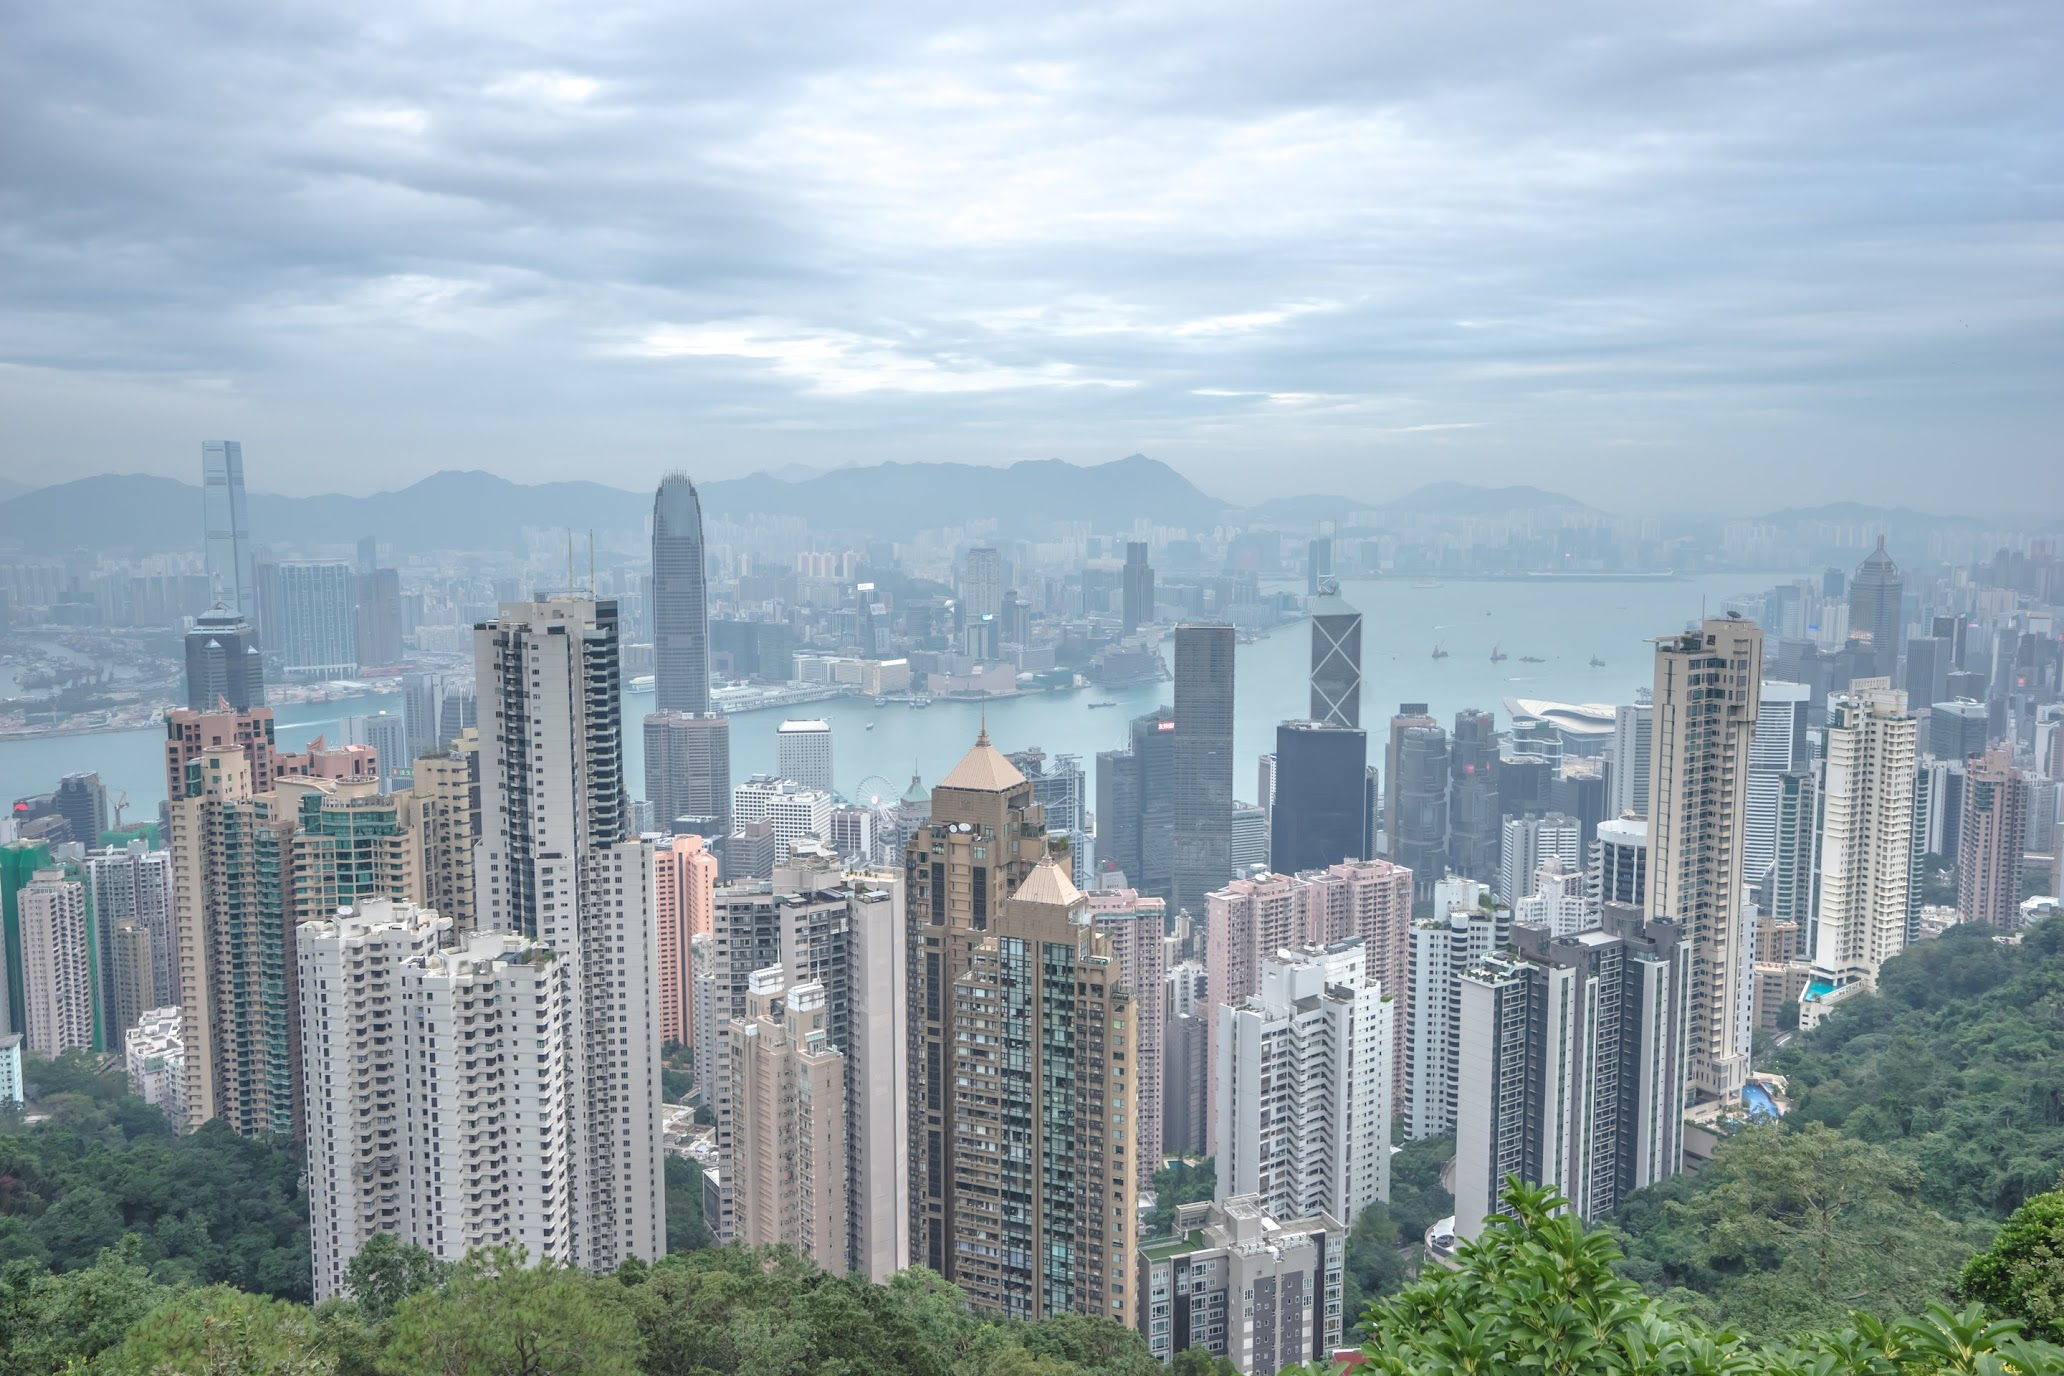 香港 ビクトリア・ピーク 獅子亭展望台2